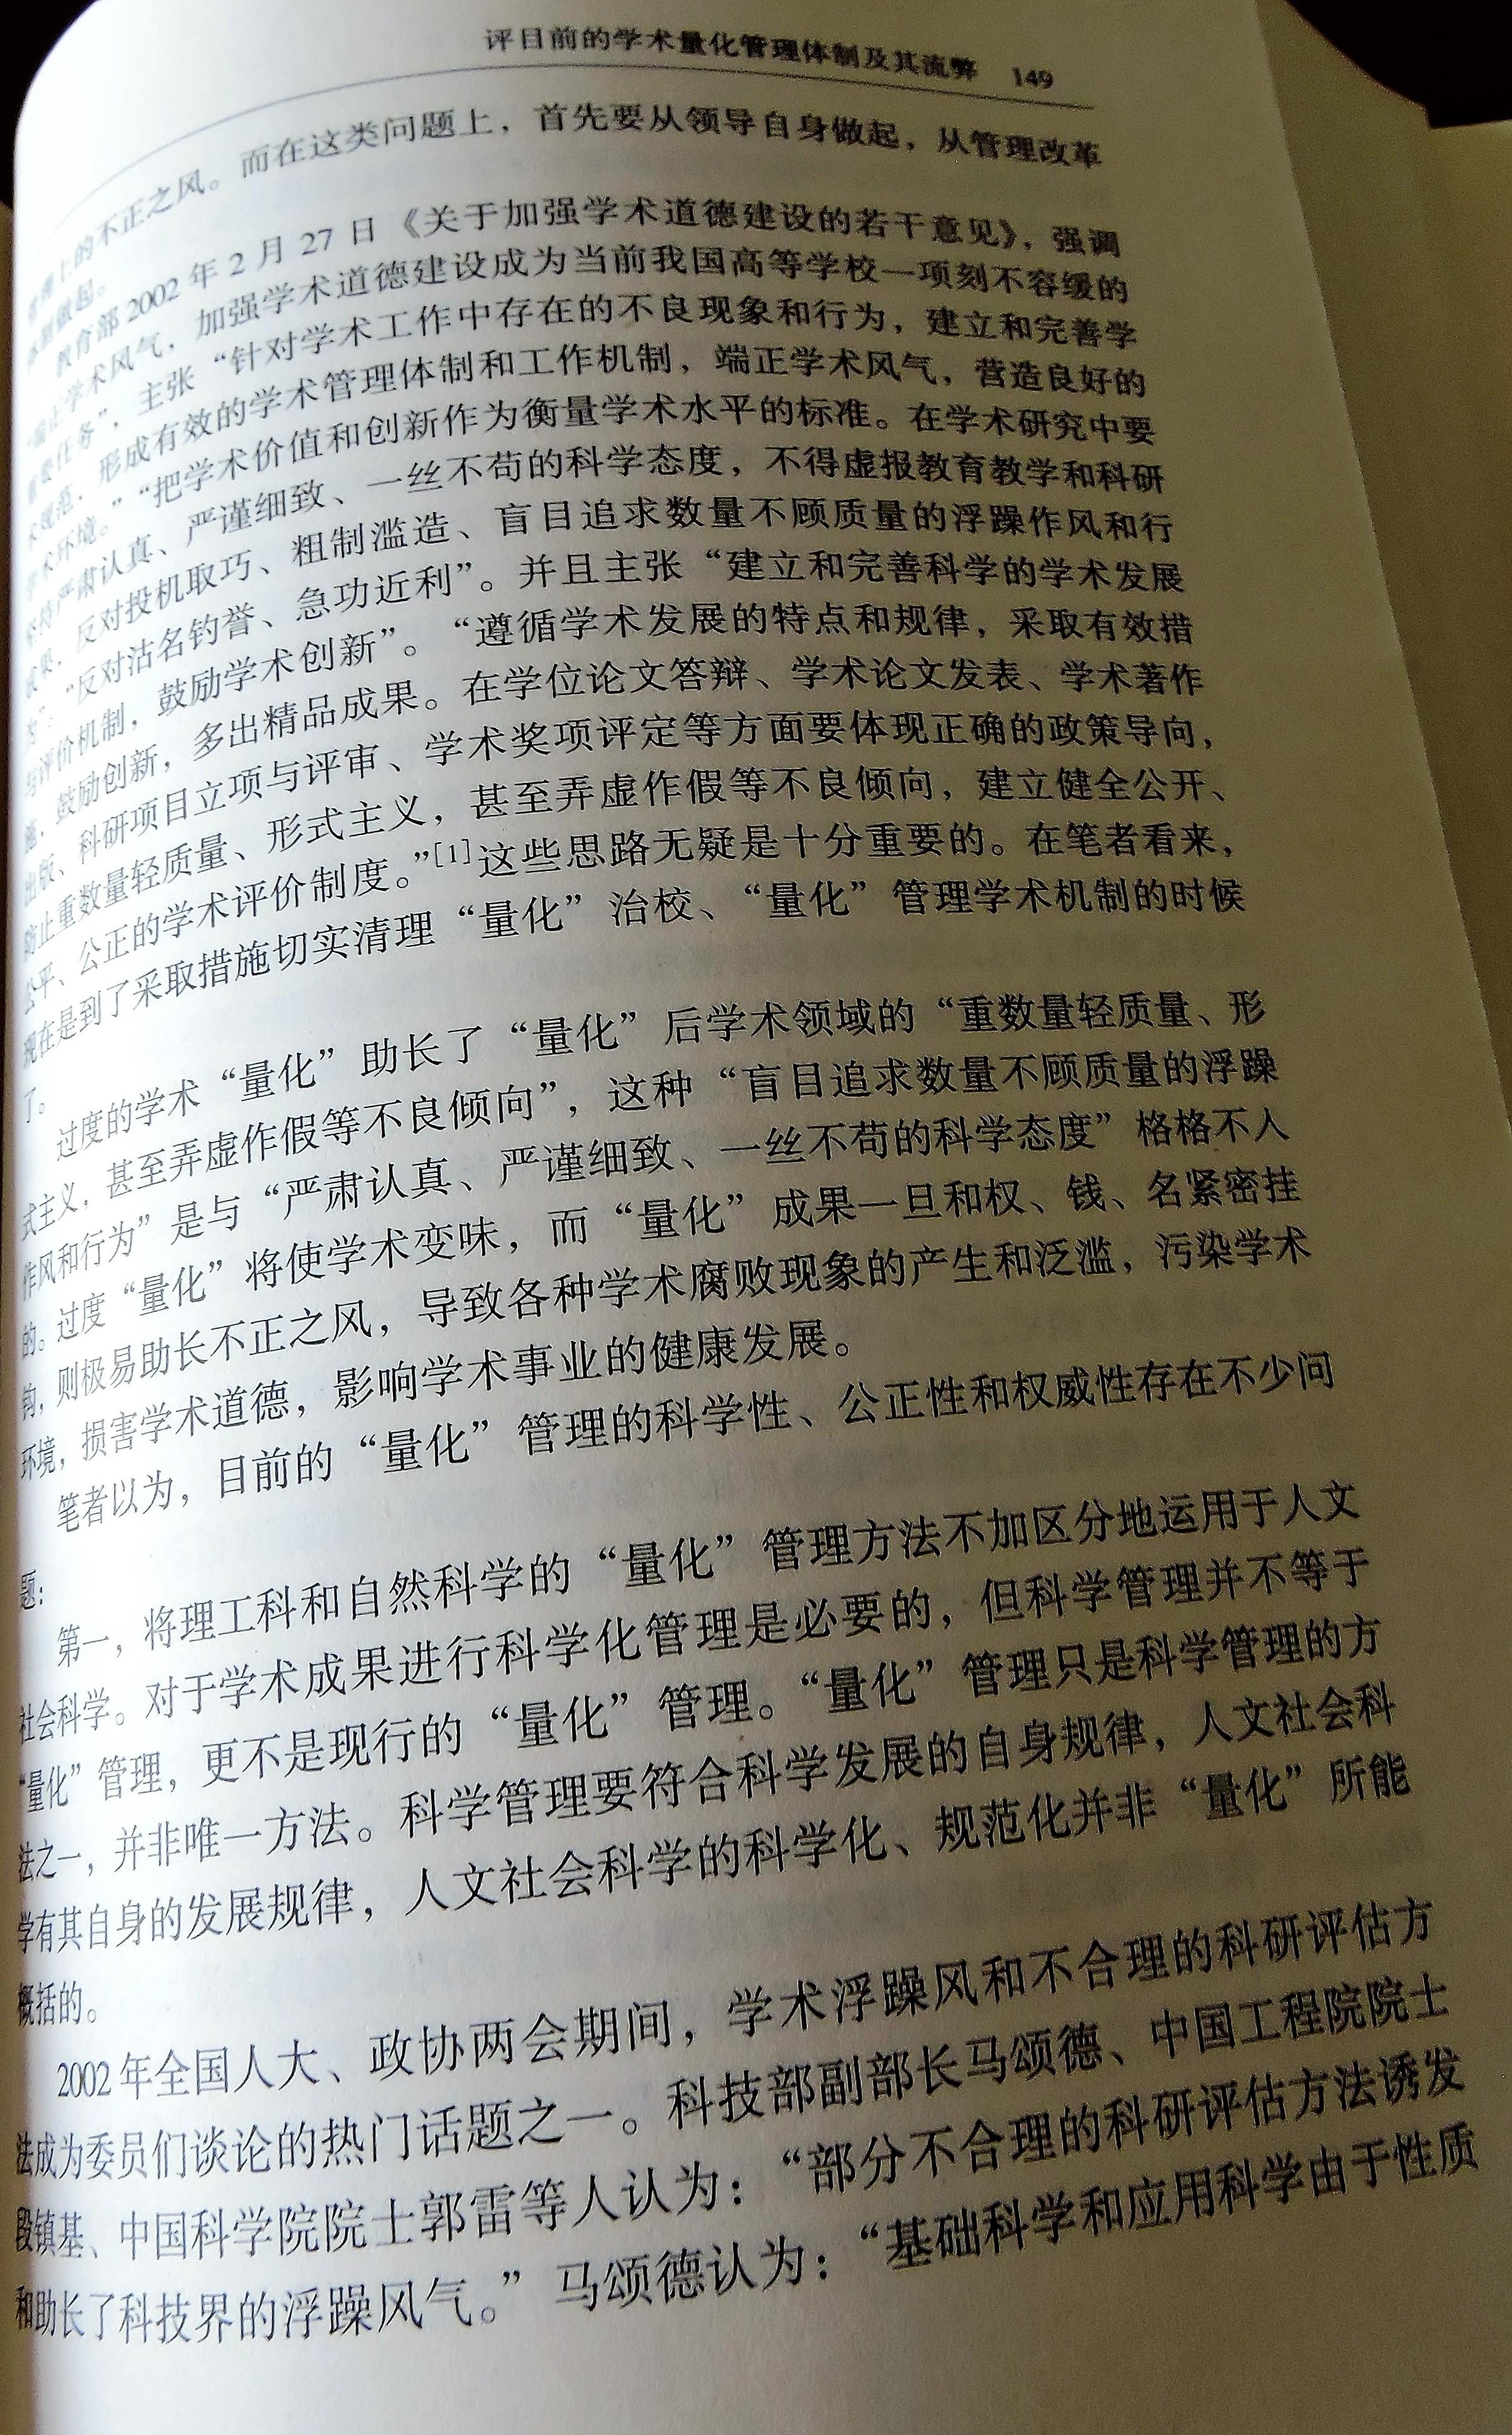 2 DSCN8264.jpg